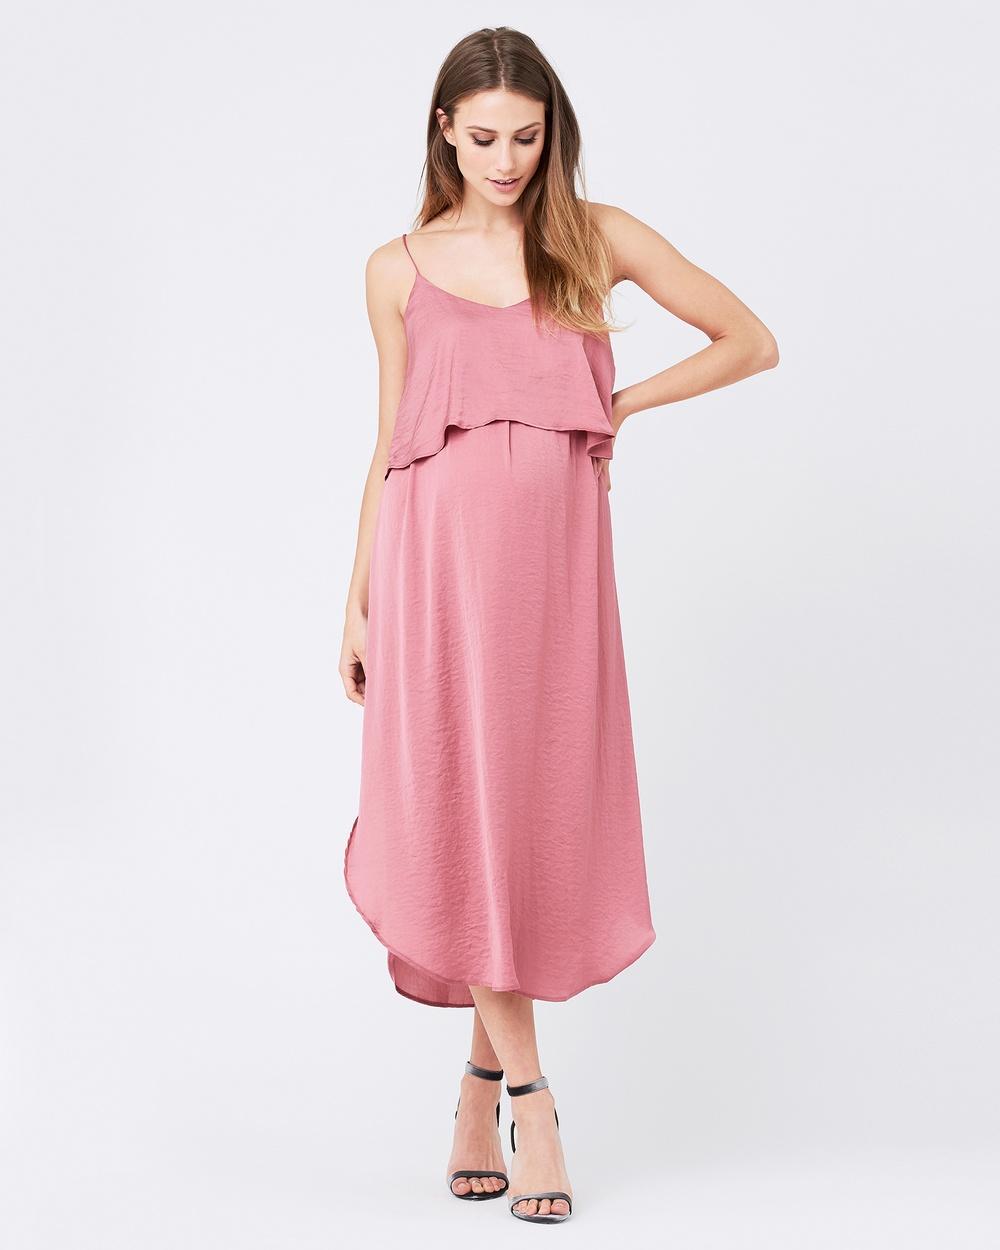 Ripe Maternity Nursing Slip Dress Dresses Rose Nursing Slip Dress